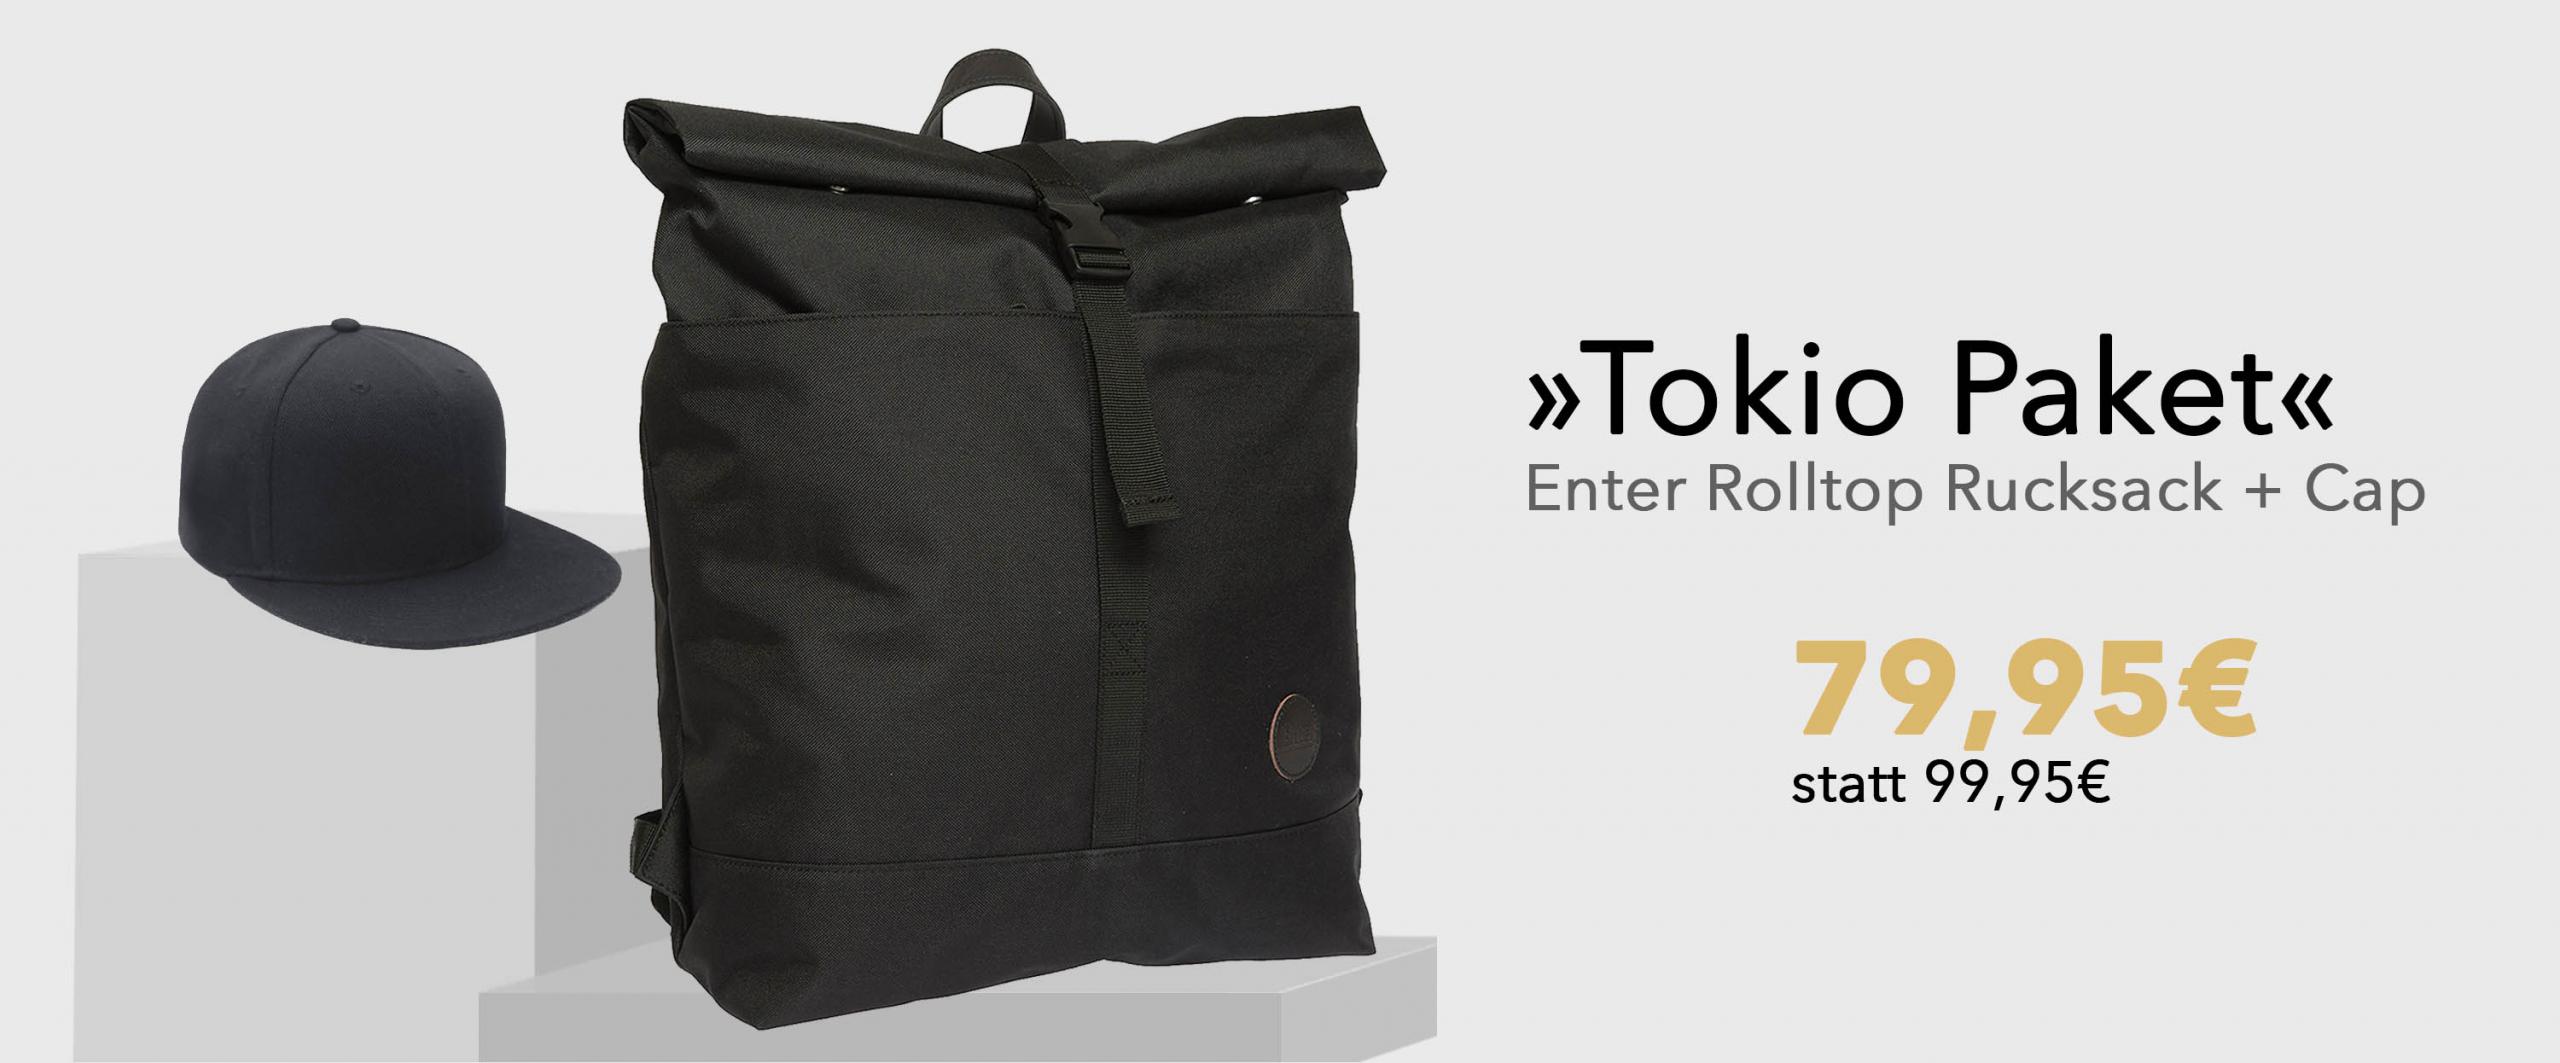 STYLEPAKET- Tokio Paket-Enter Rucksack_BaseCap-Banner